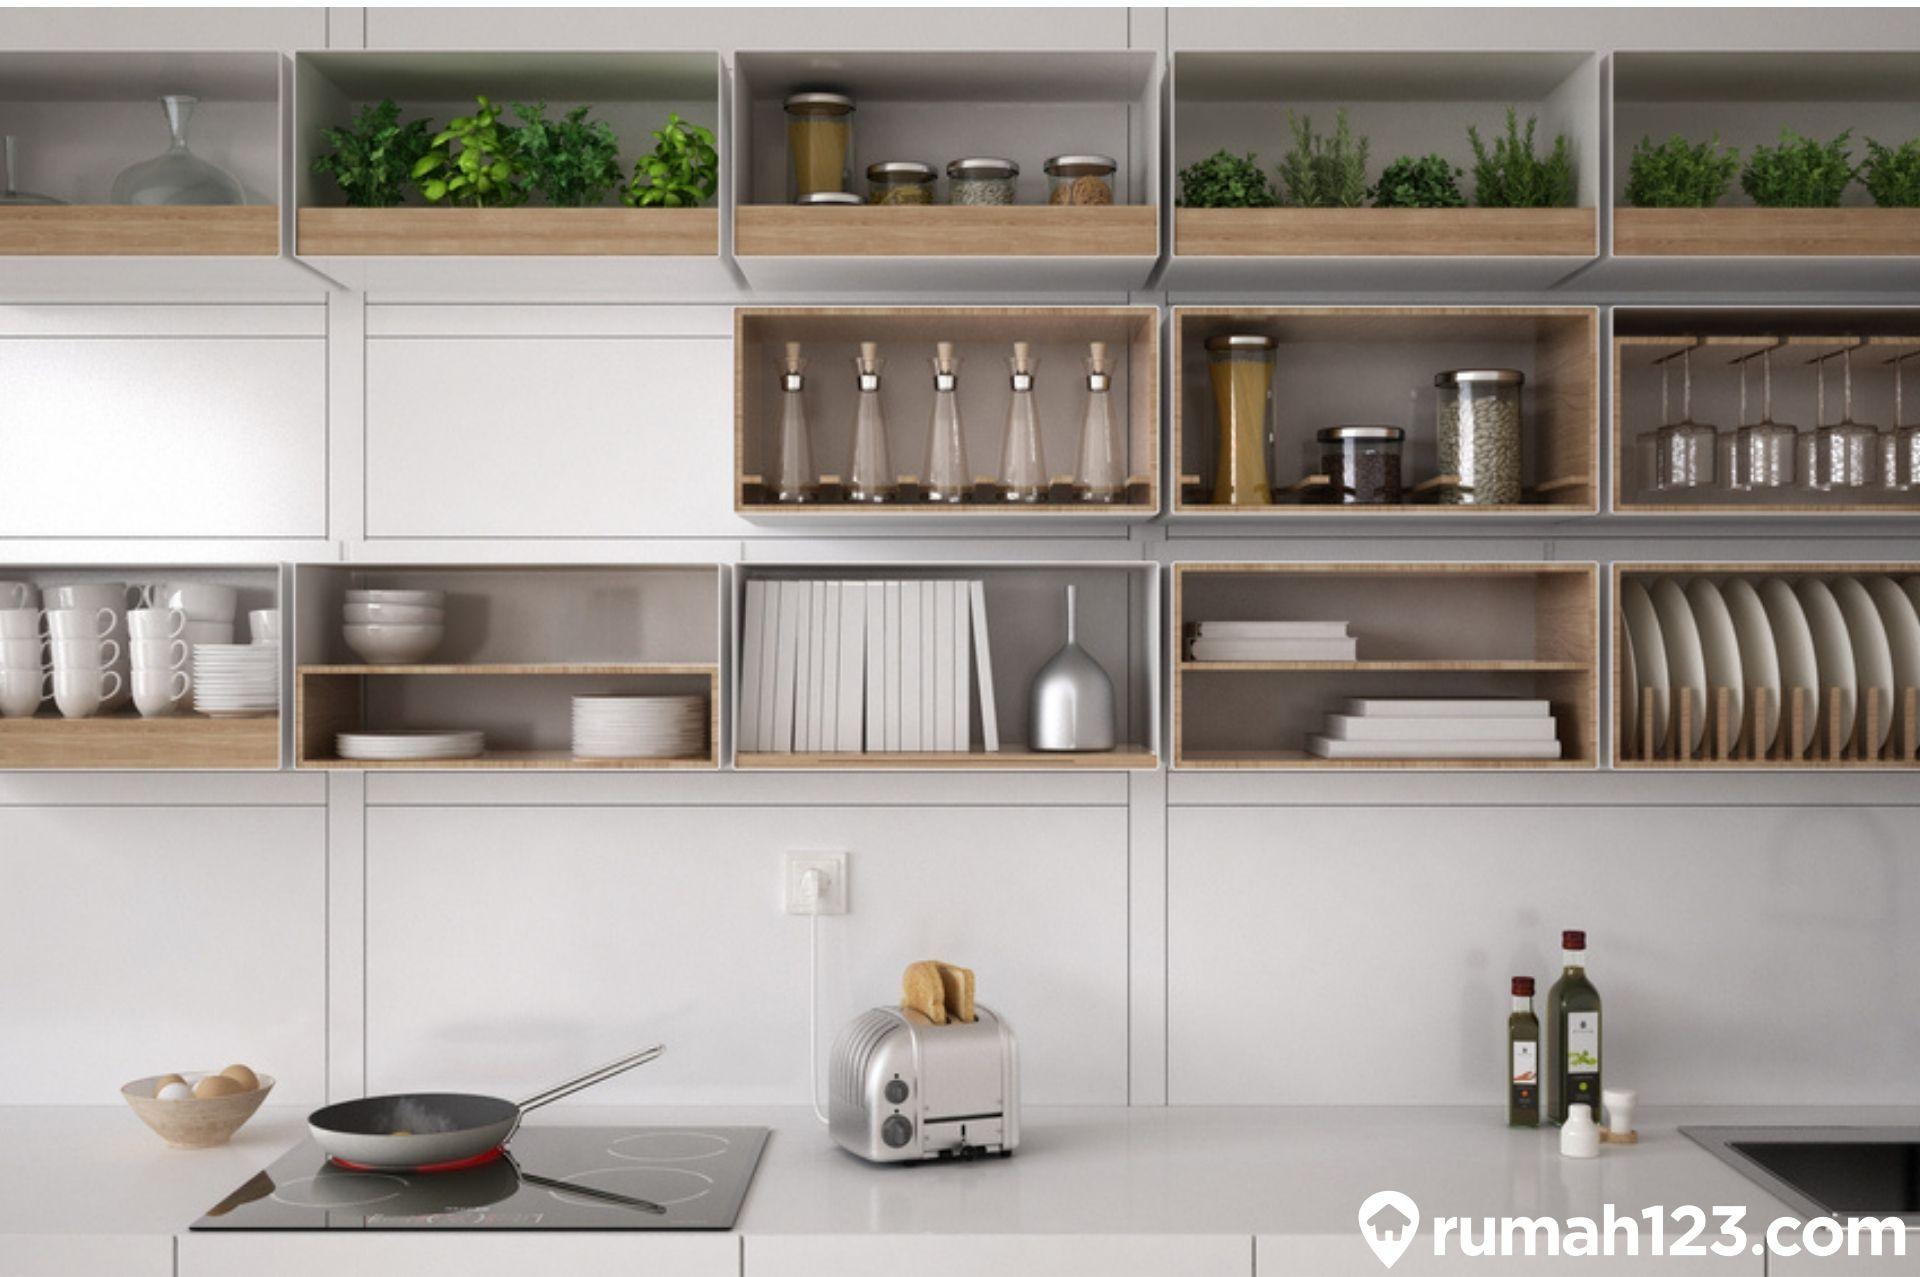 10 Desain Lemari Dapur Minimalis Fungsional Ini Bisa Kamu Tiru Di Rumah Rumah123 Com